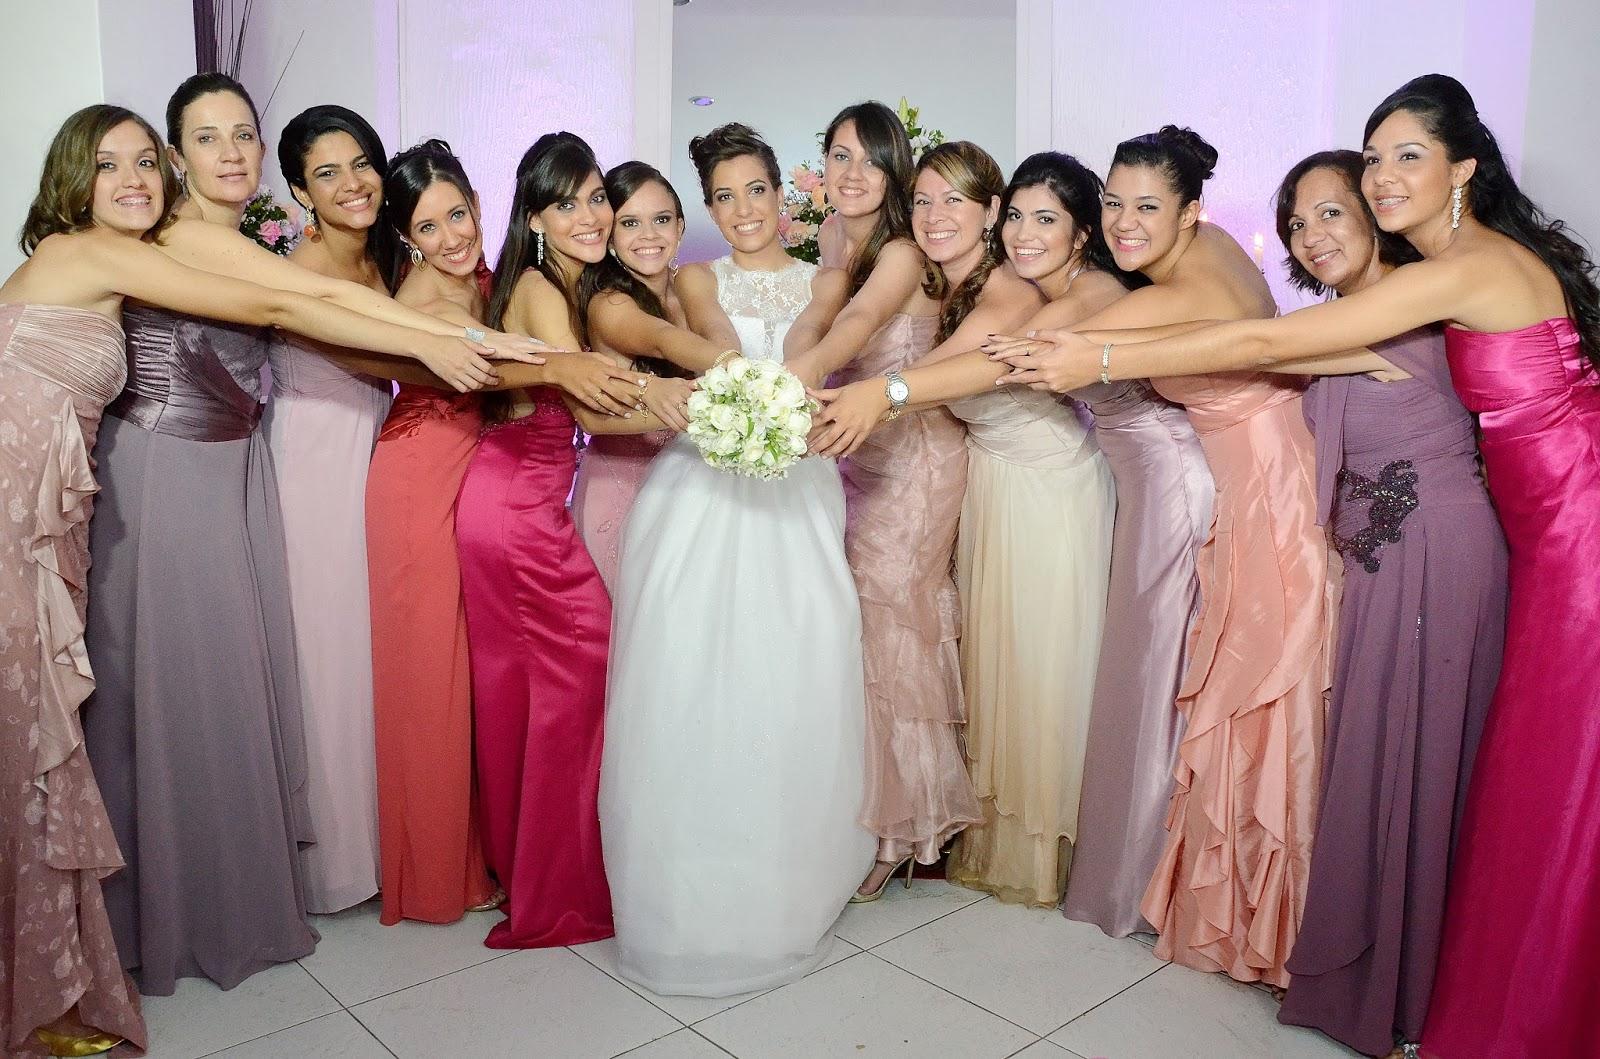 festa - recepção - madrinhas - foto com as madrinhas - foto divertida com as madrinhas - madrinhas com vestidos da mesma cor